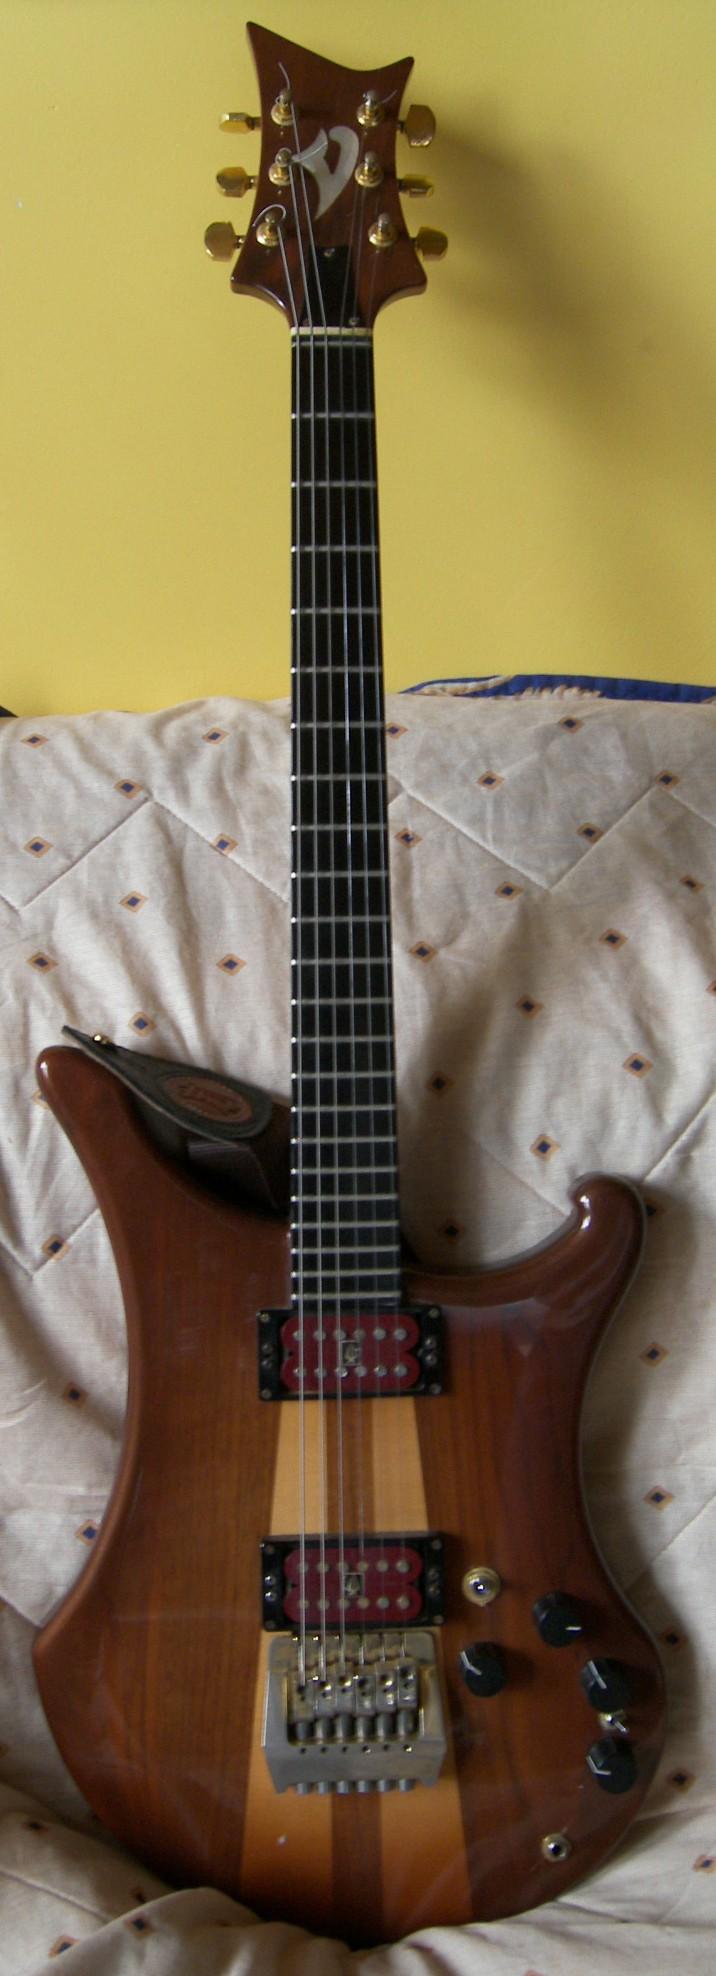 Photos de vos guitares. [Ancien Topic] - Page 39 102_9113